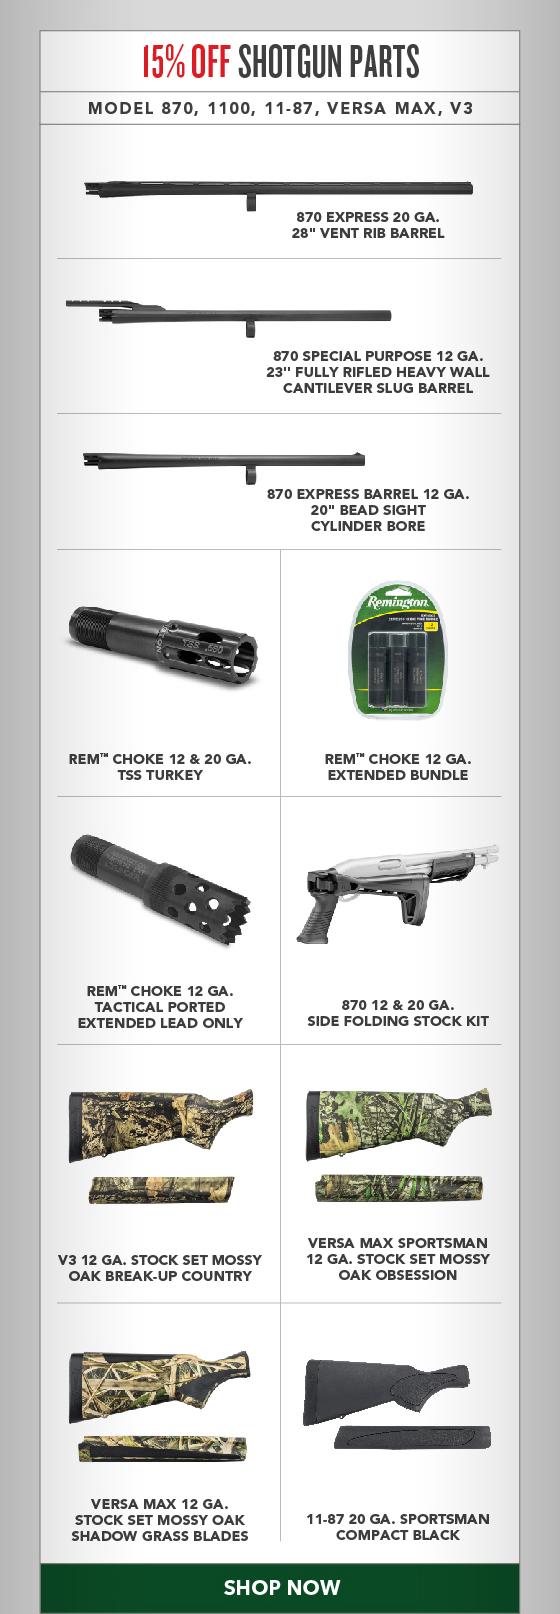 15% OFF All Shotgun Parts